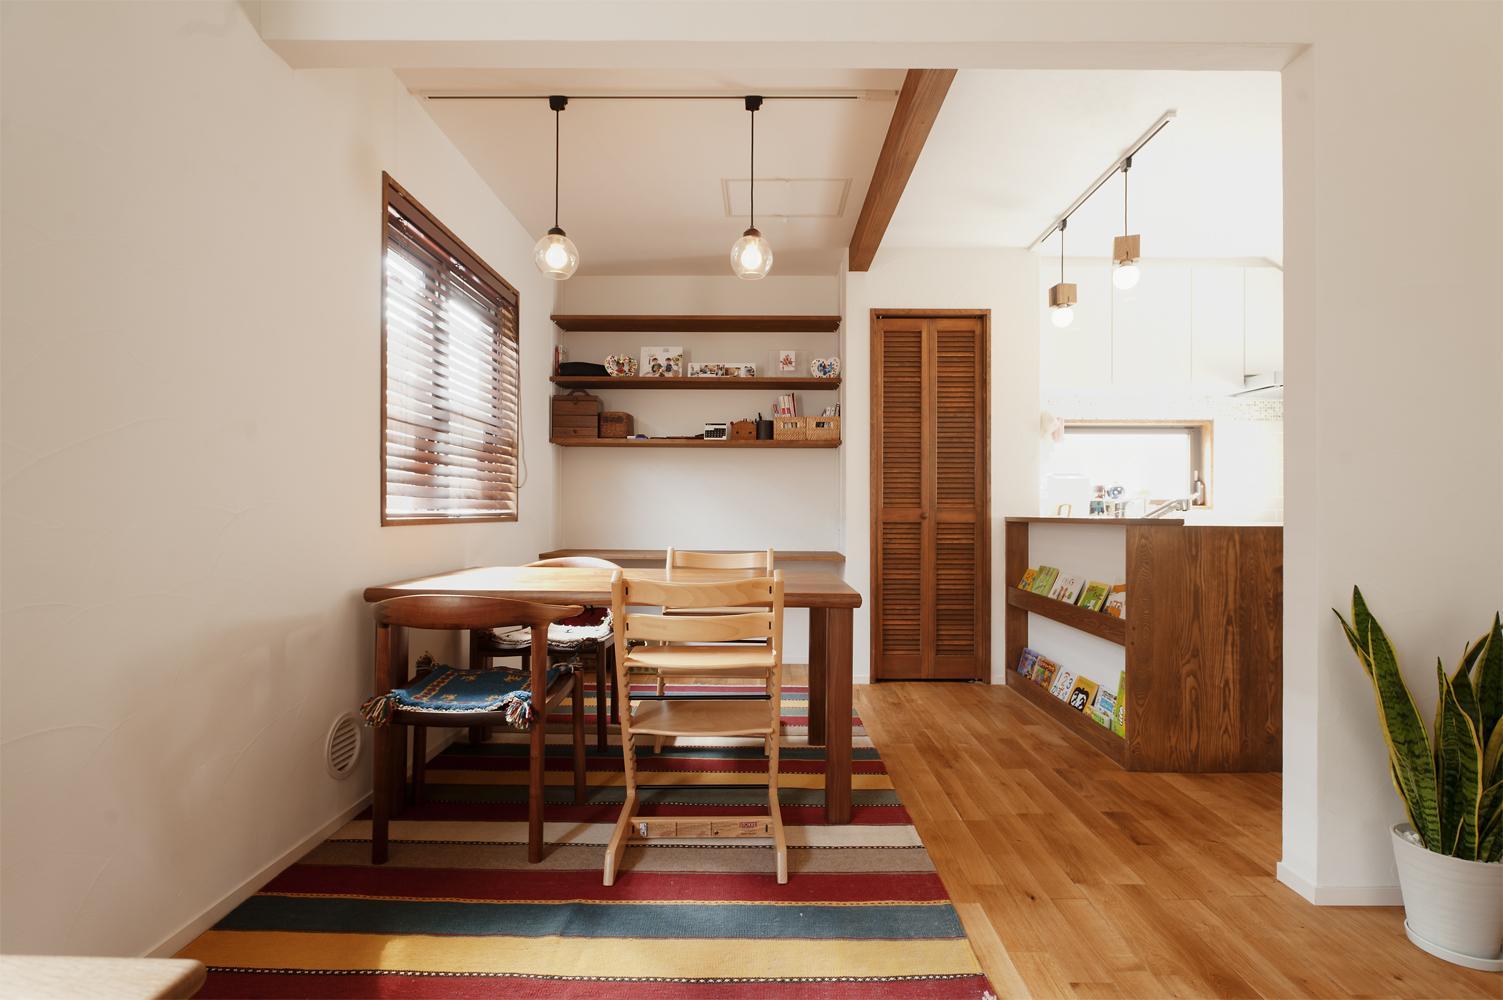 y邸・子ども達のために 自然素材で楽しくリノベーションの写真 ダイニングキッチン